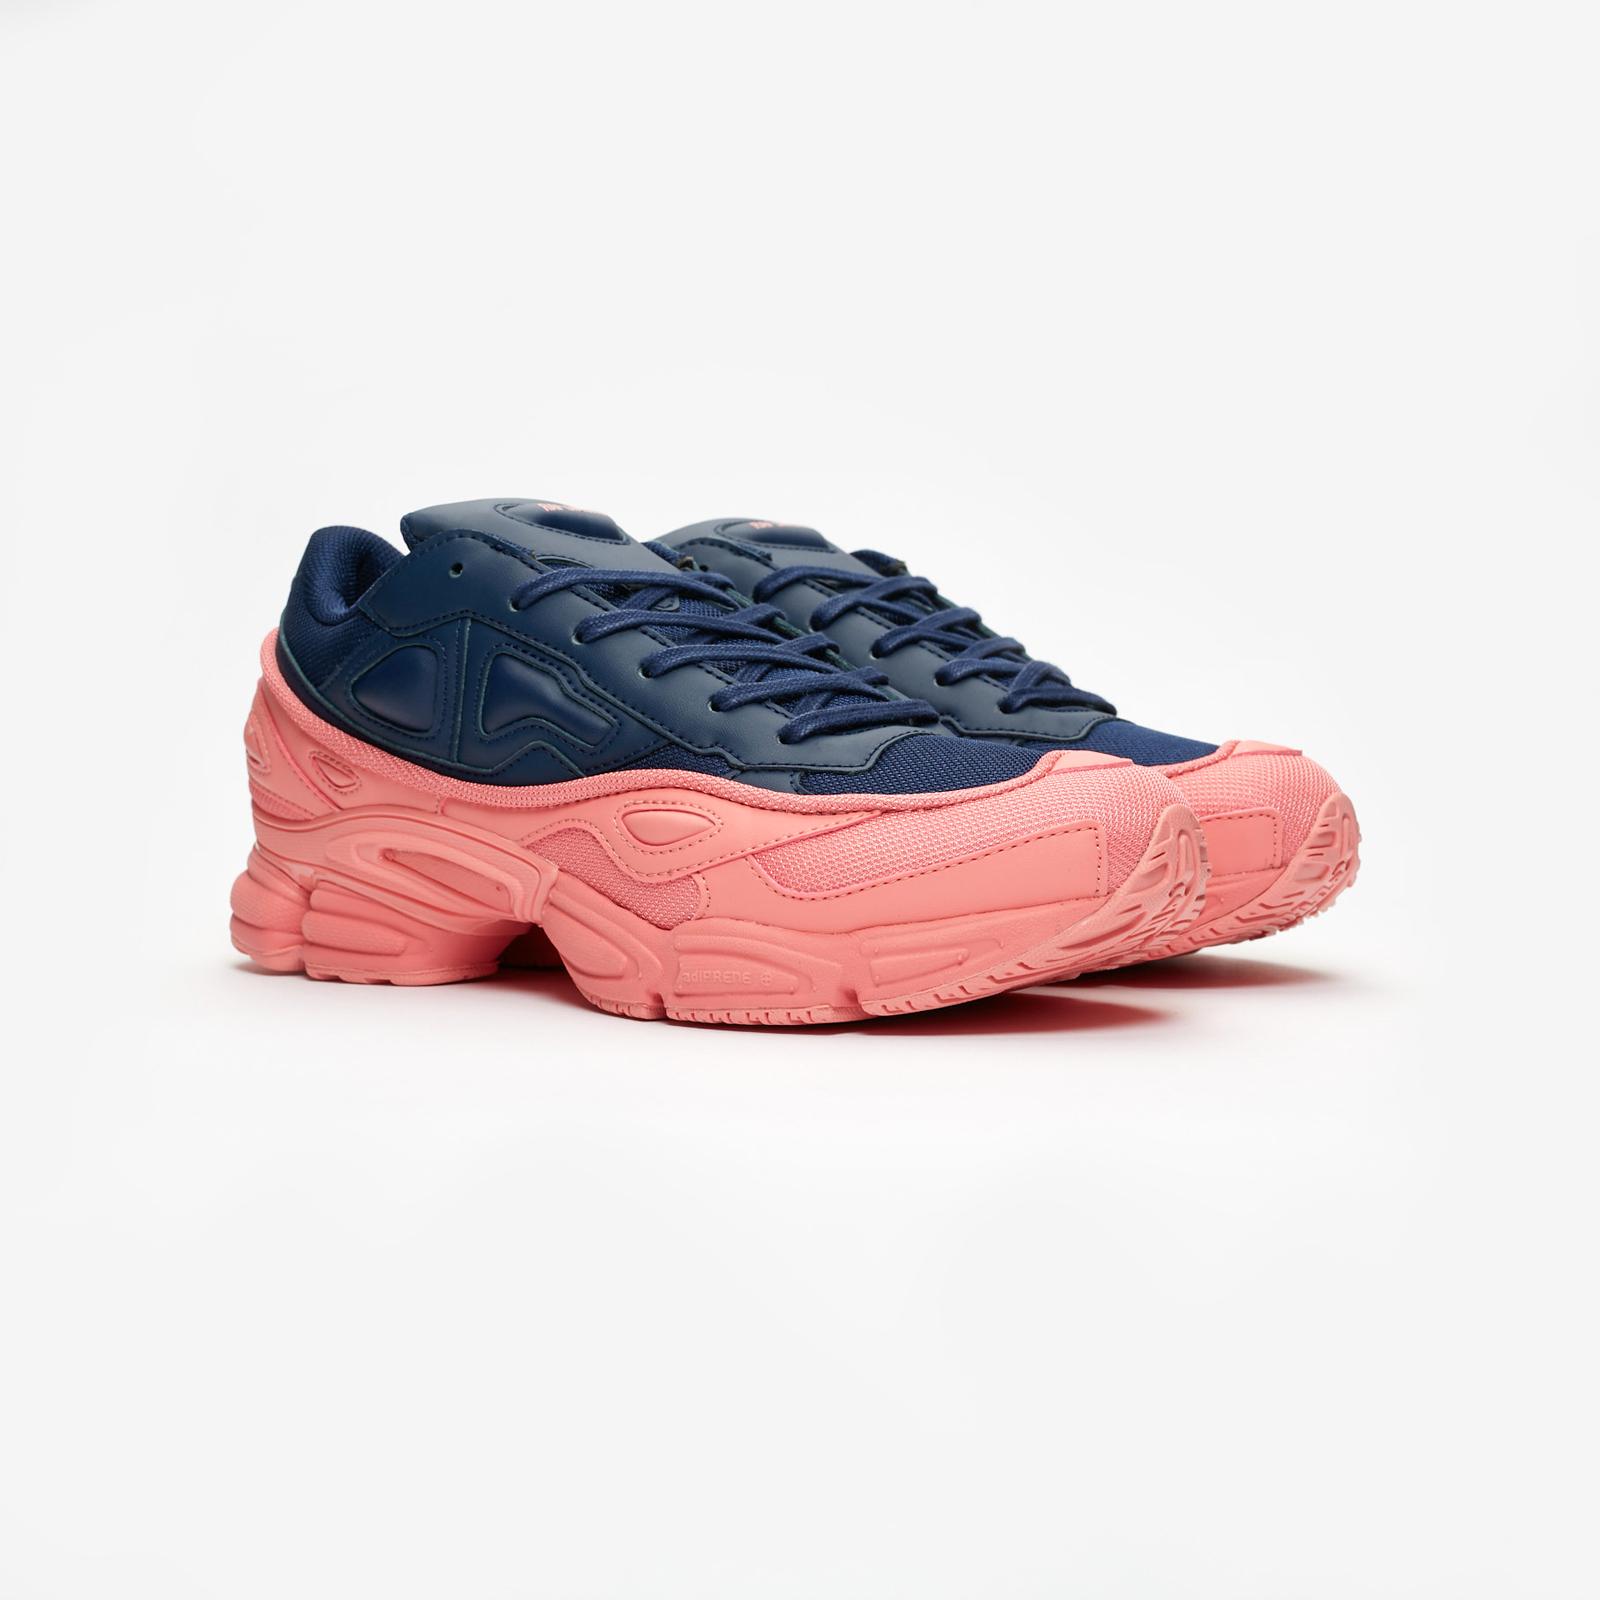 d0bdaf4386ac41 adidas Raf Simons Ozweego - F34268 - Sneakersnstuff